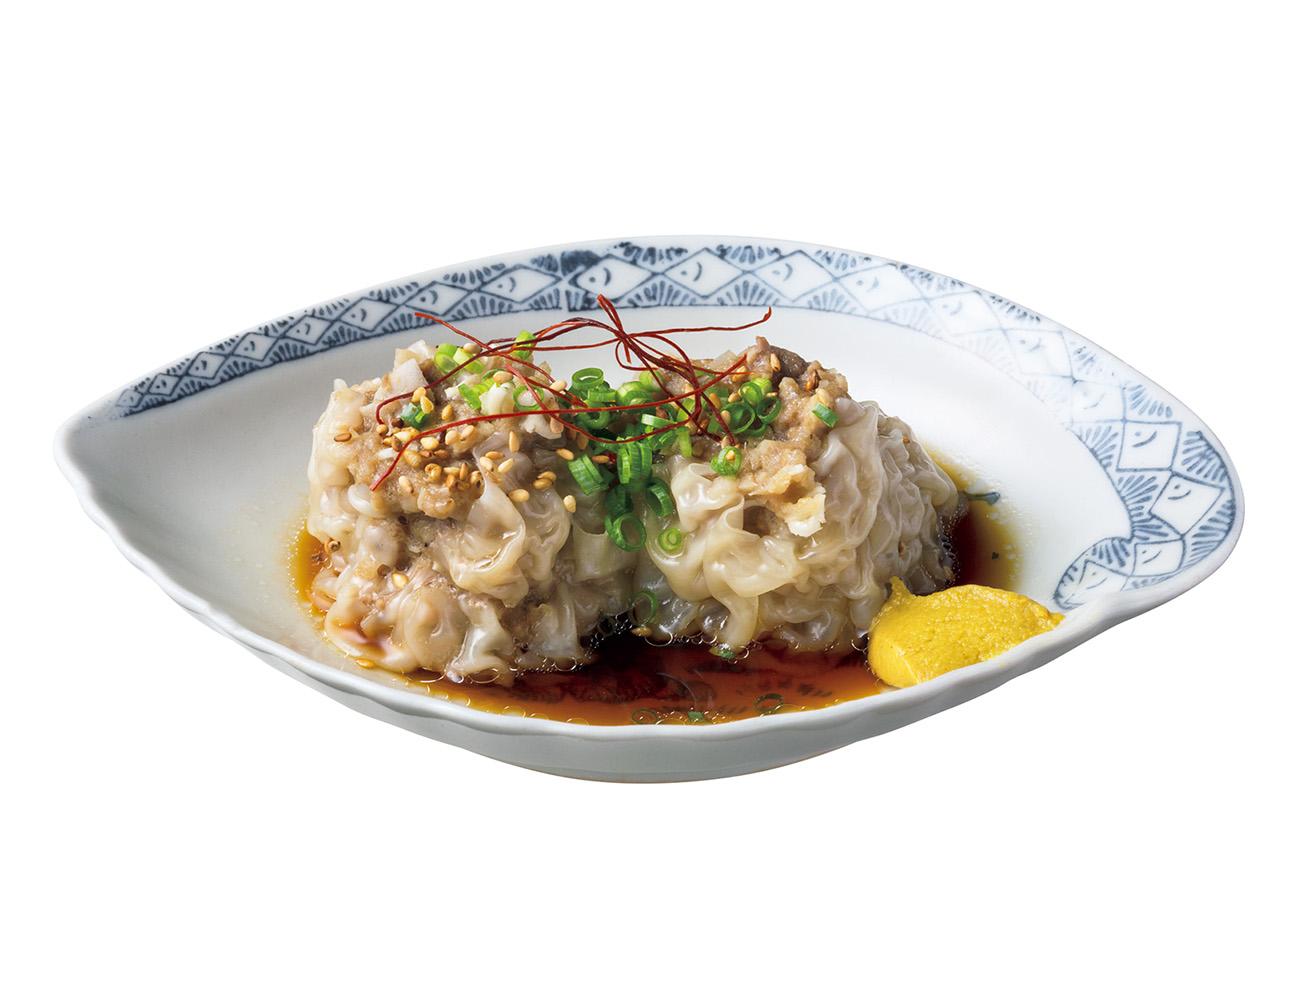 豚舌焼売¥450(2個)は、食感が楽しい角切りのタン入り。